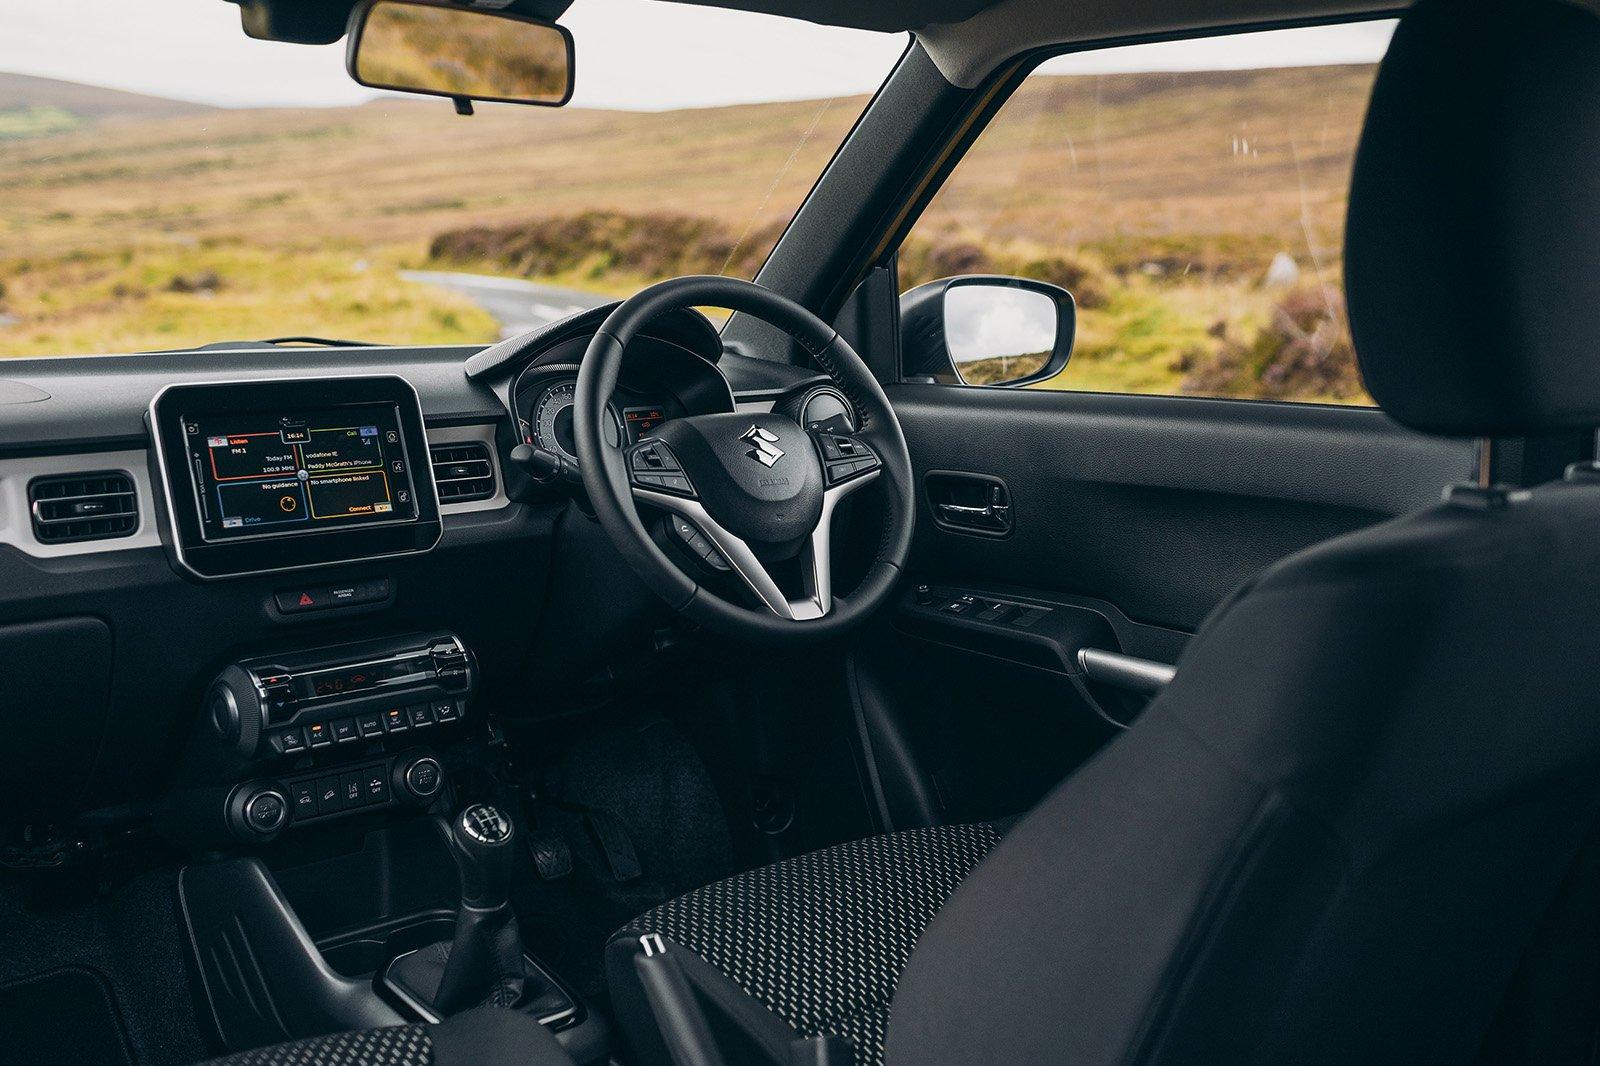 Suzuki Ignis 2020 dashboard